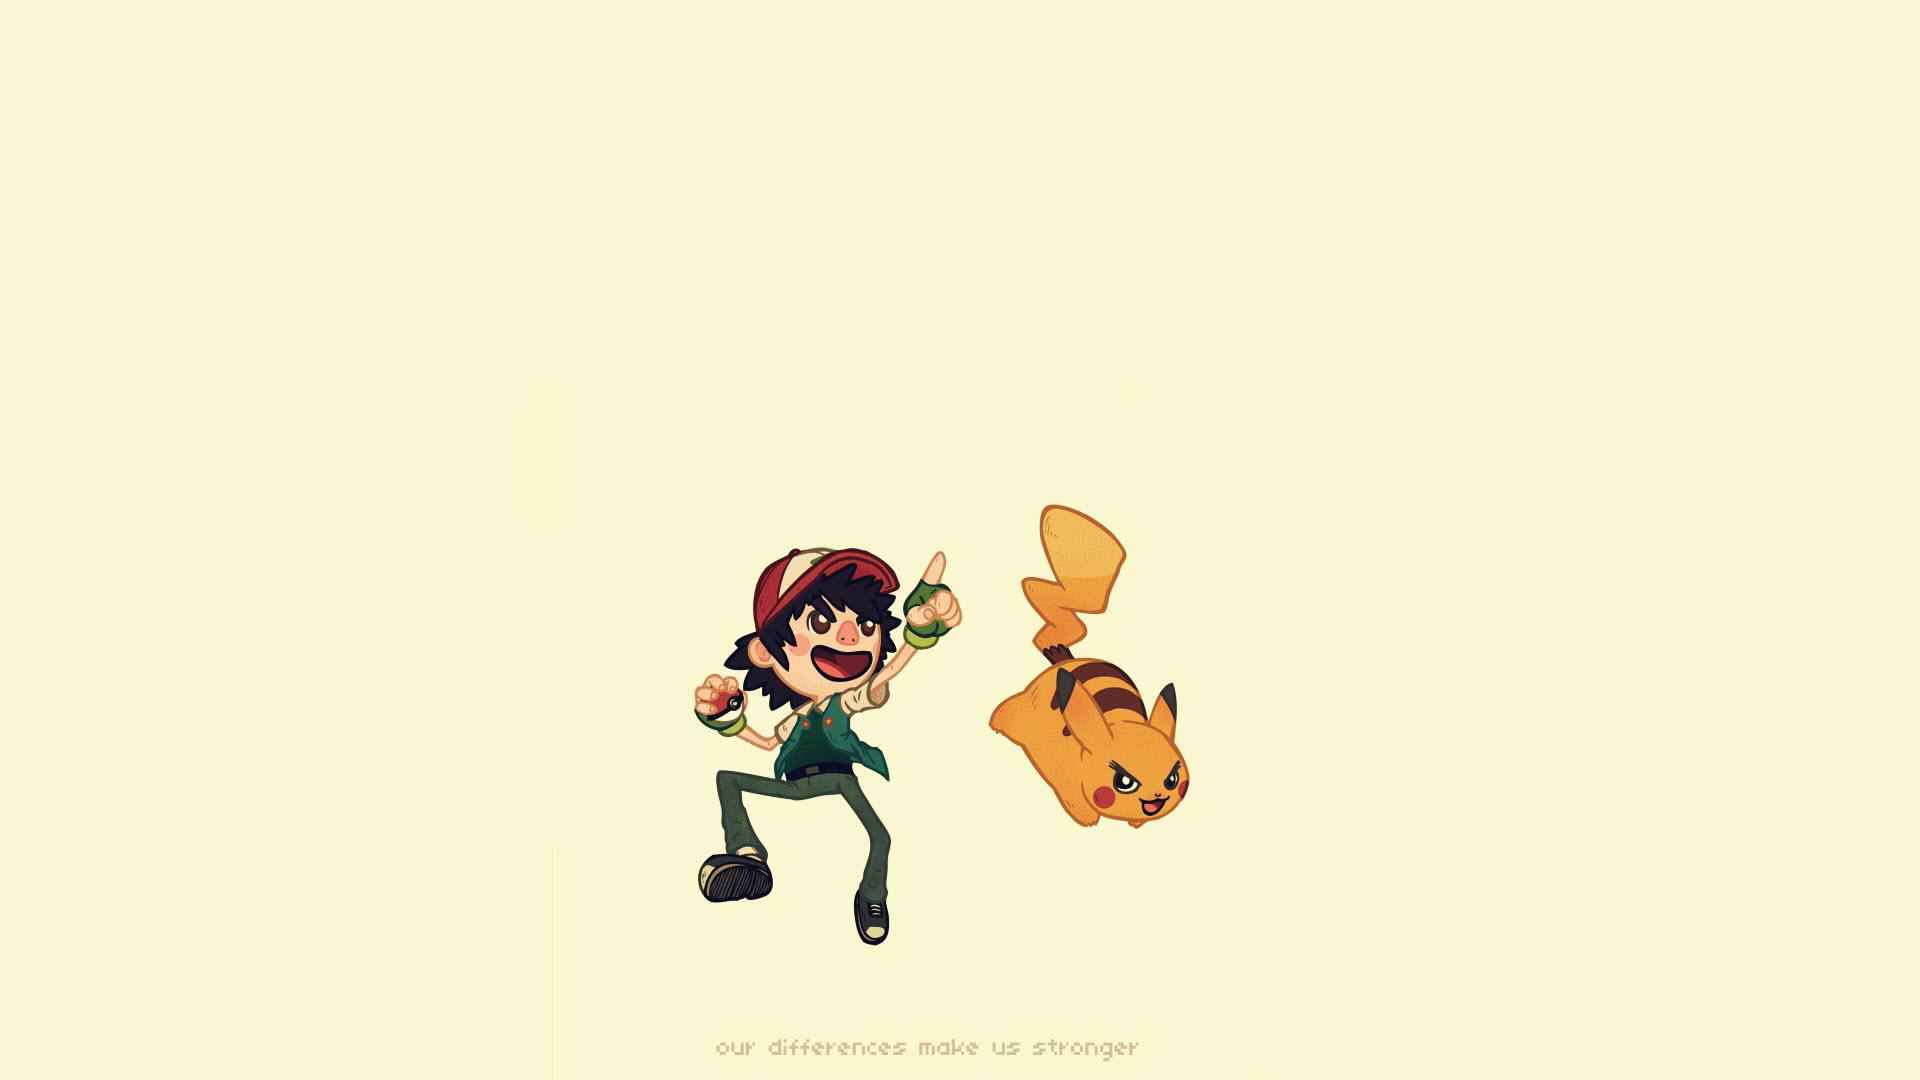 Ảnh nền Pikachu chibi dễ thương